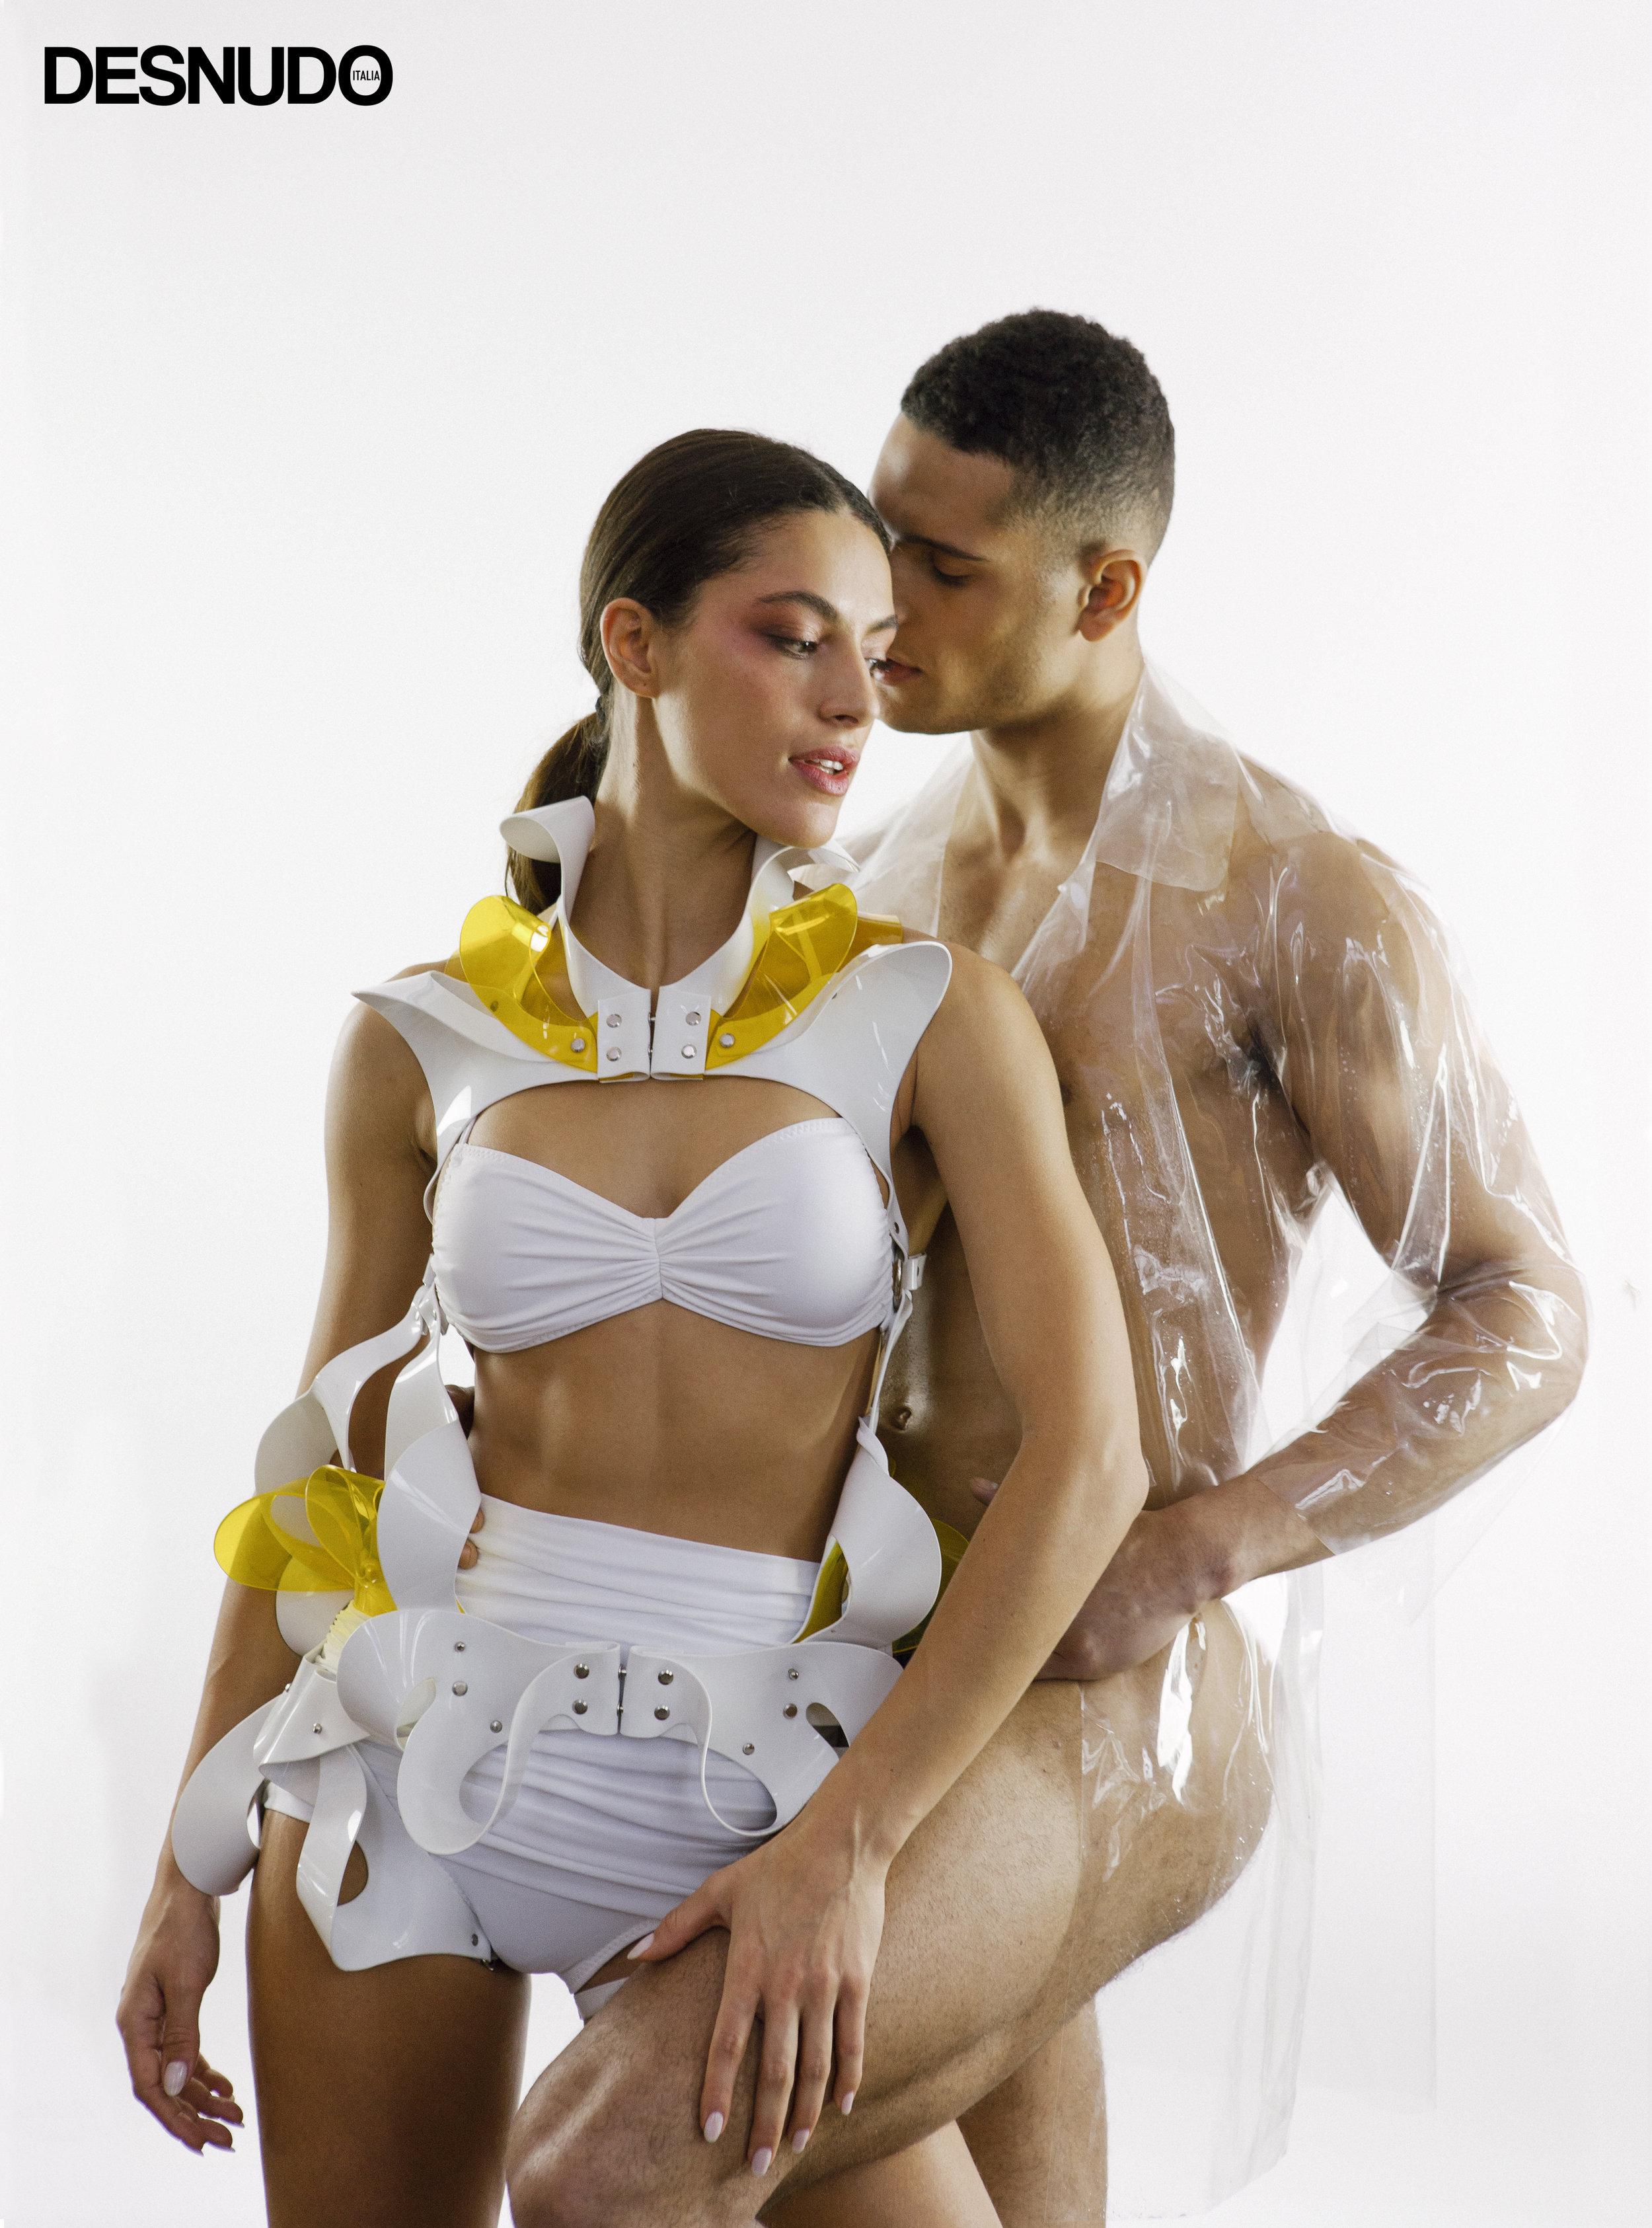 Desirée indossa beachwear  NORMA KAMALI , imbracatura  LEATHER ARTEFACT , scarpe  MANOLO BLAHNIK , Danny indossa camicia trasparente  NORMA KAMALI